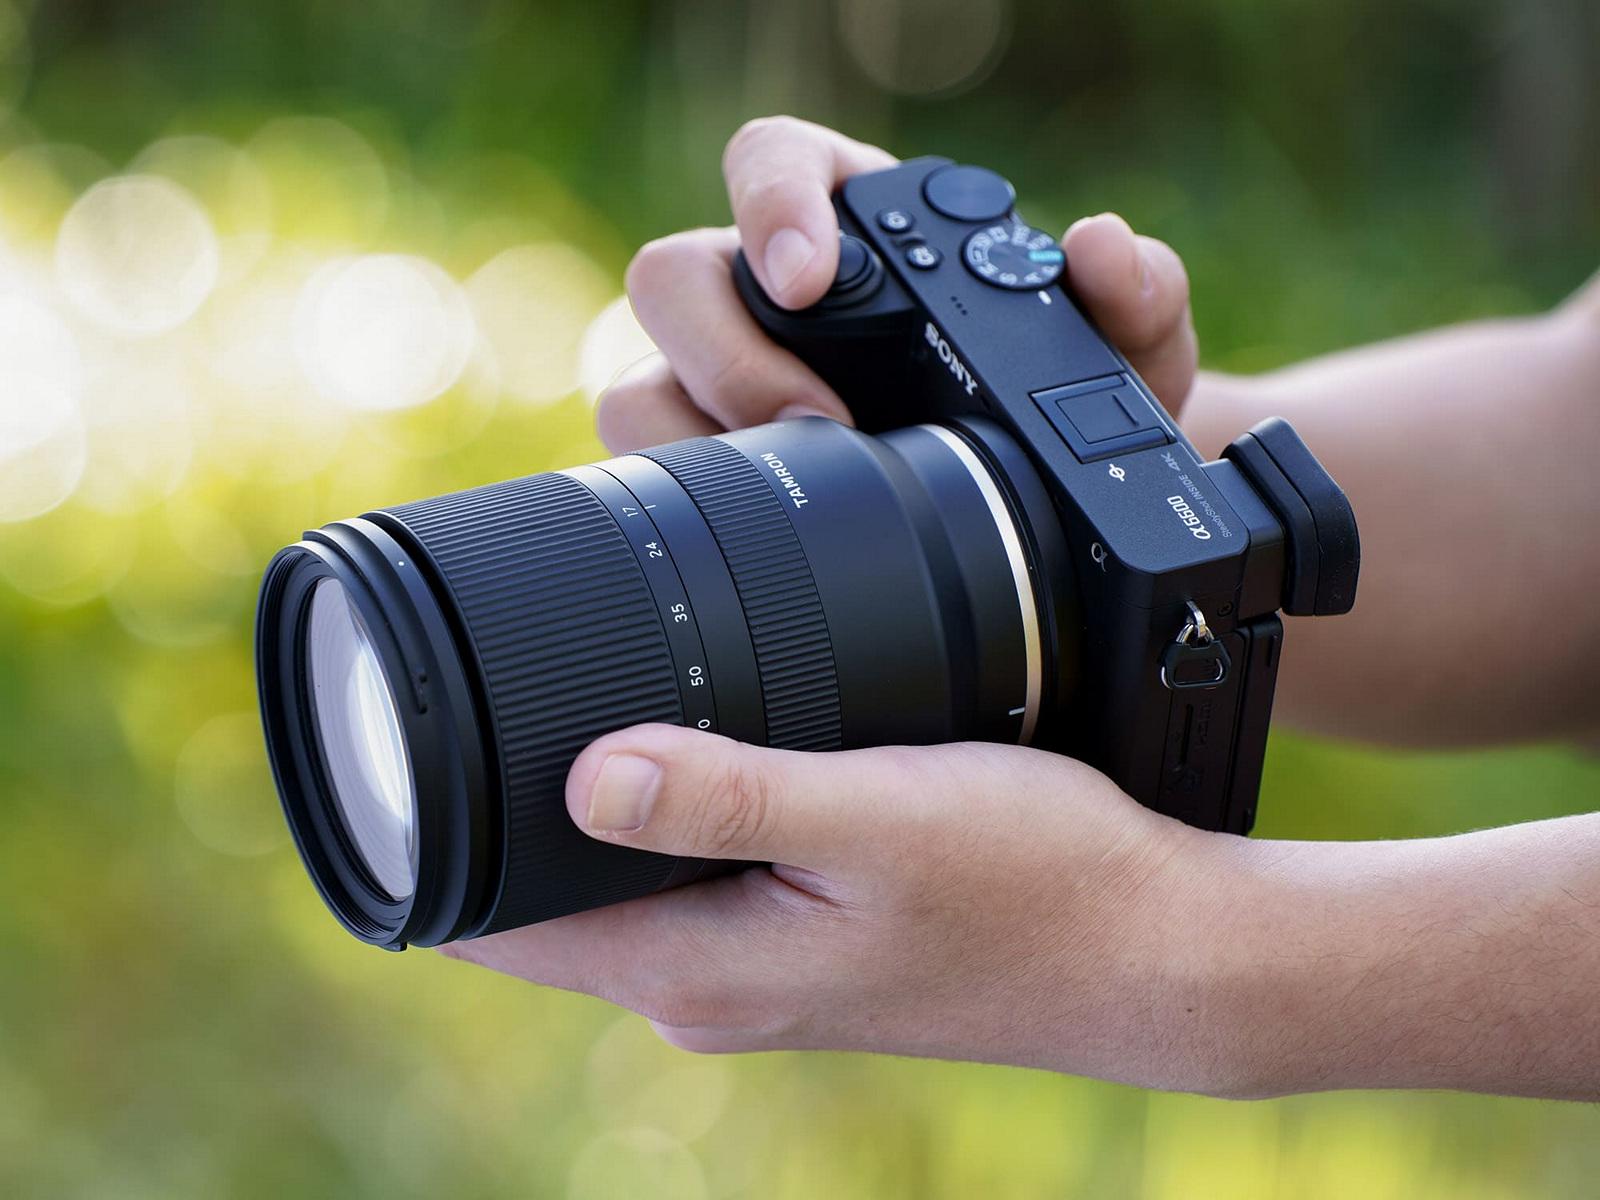 Tamron 17-70mm f/2.8 Di III-A VC RXD с камерой Sony A6600 в руках фотографа